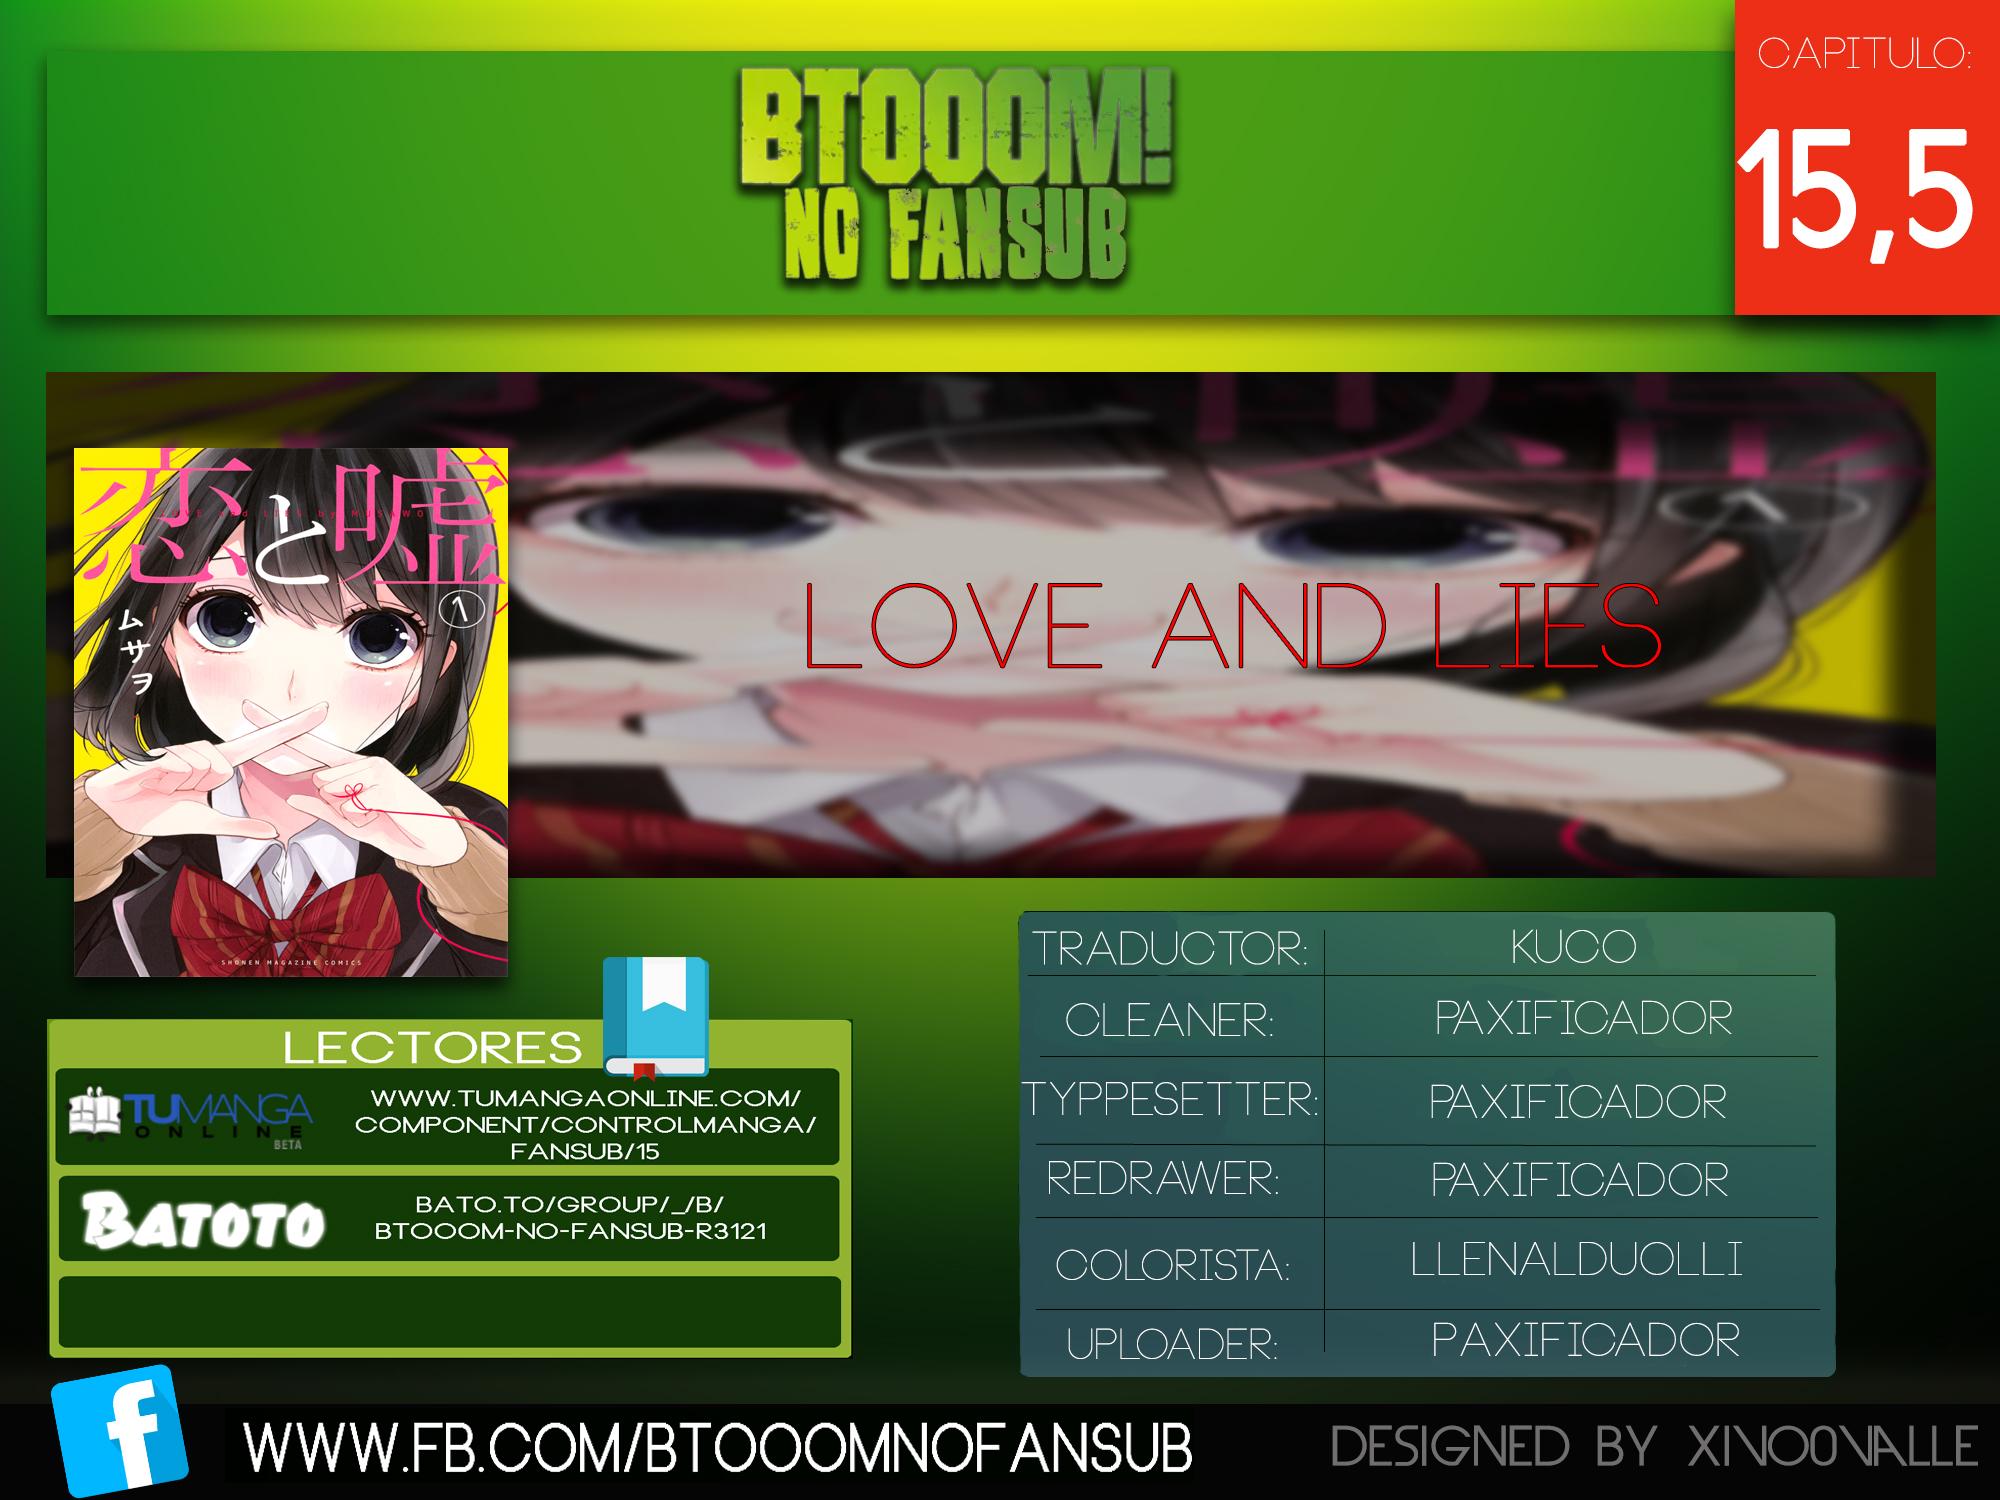 http://c5.ninemanga.com/es_manga/14/14734/423646/672b6fc4964be34b84adb8ed728e4d1e.jpg Page 1